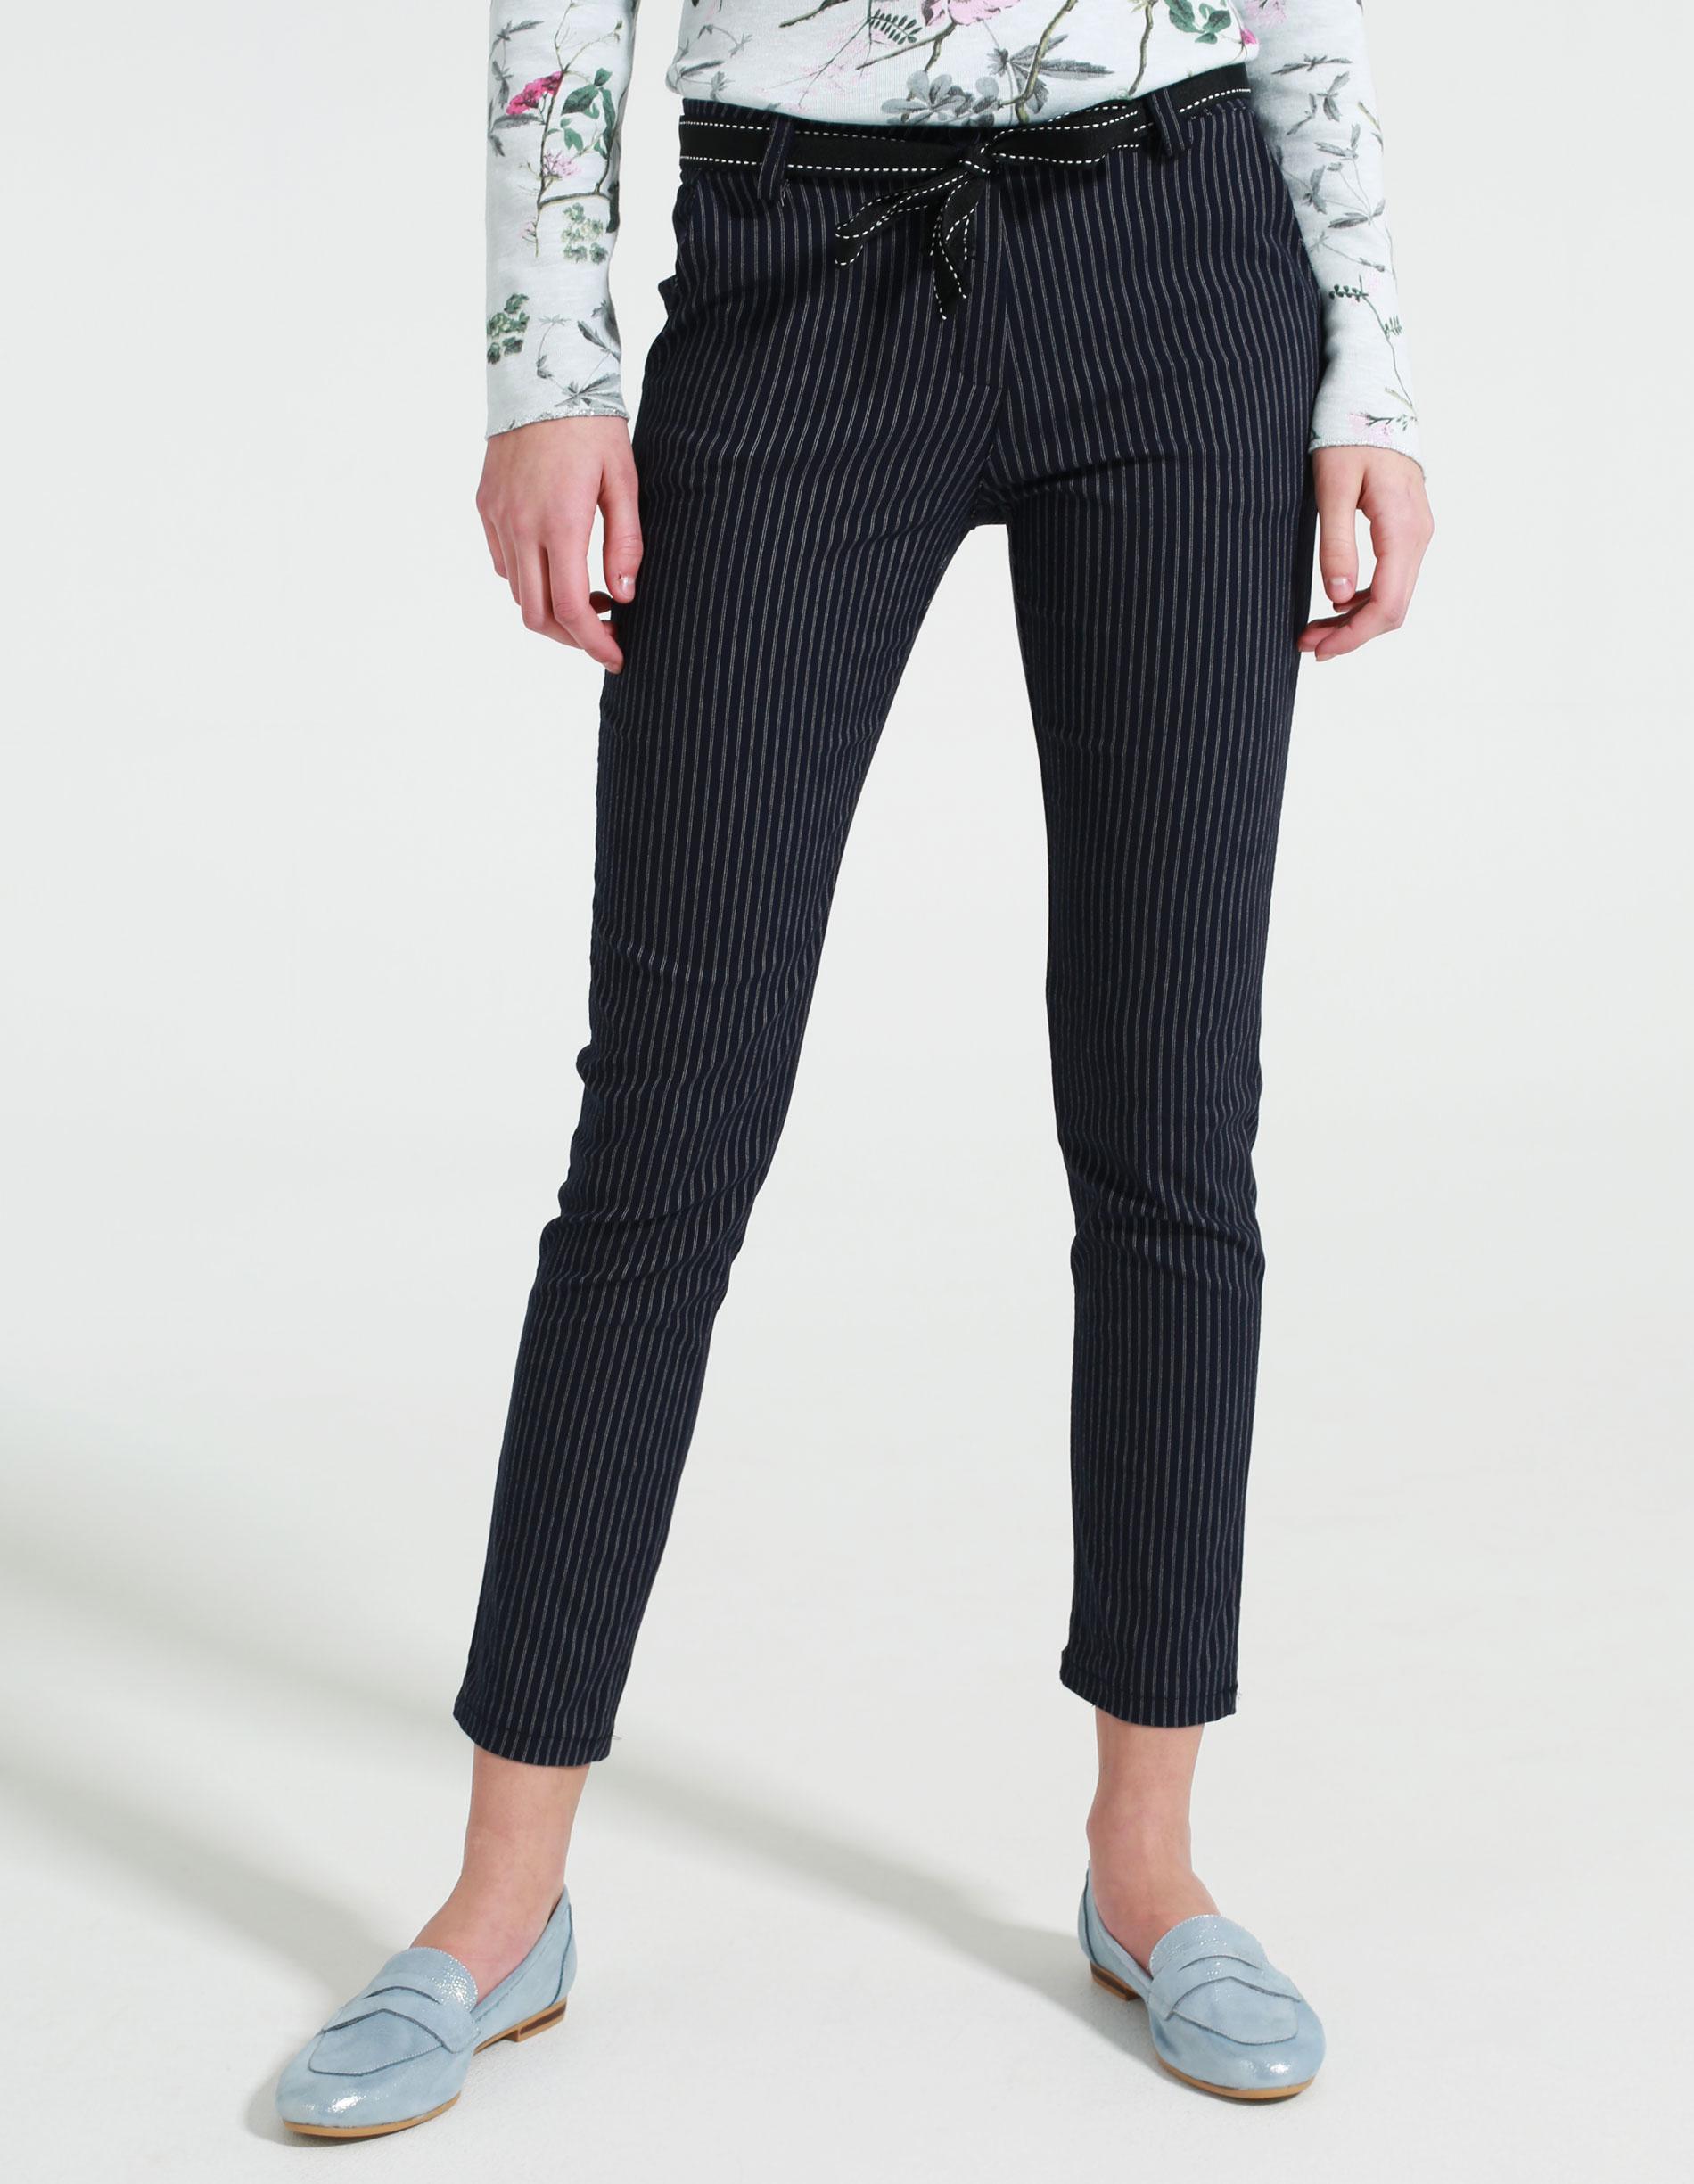 Spodnie - 21-3045 BL SC - Unisono